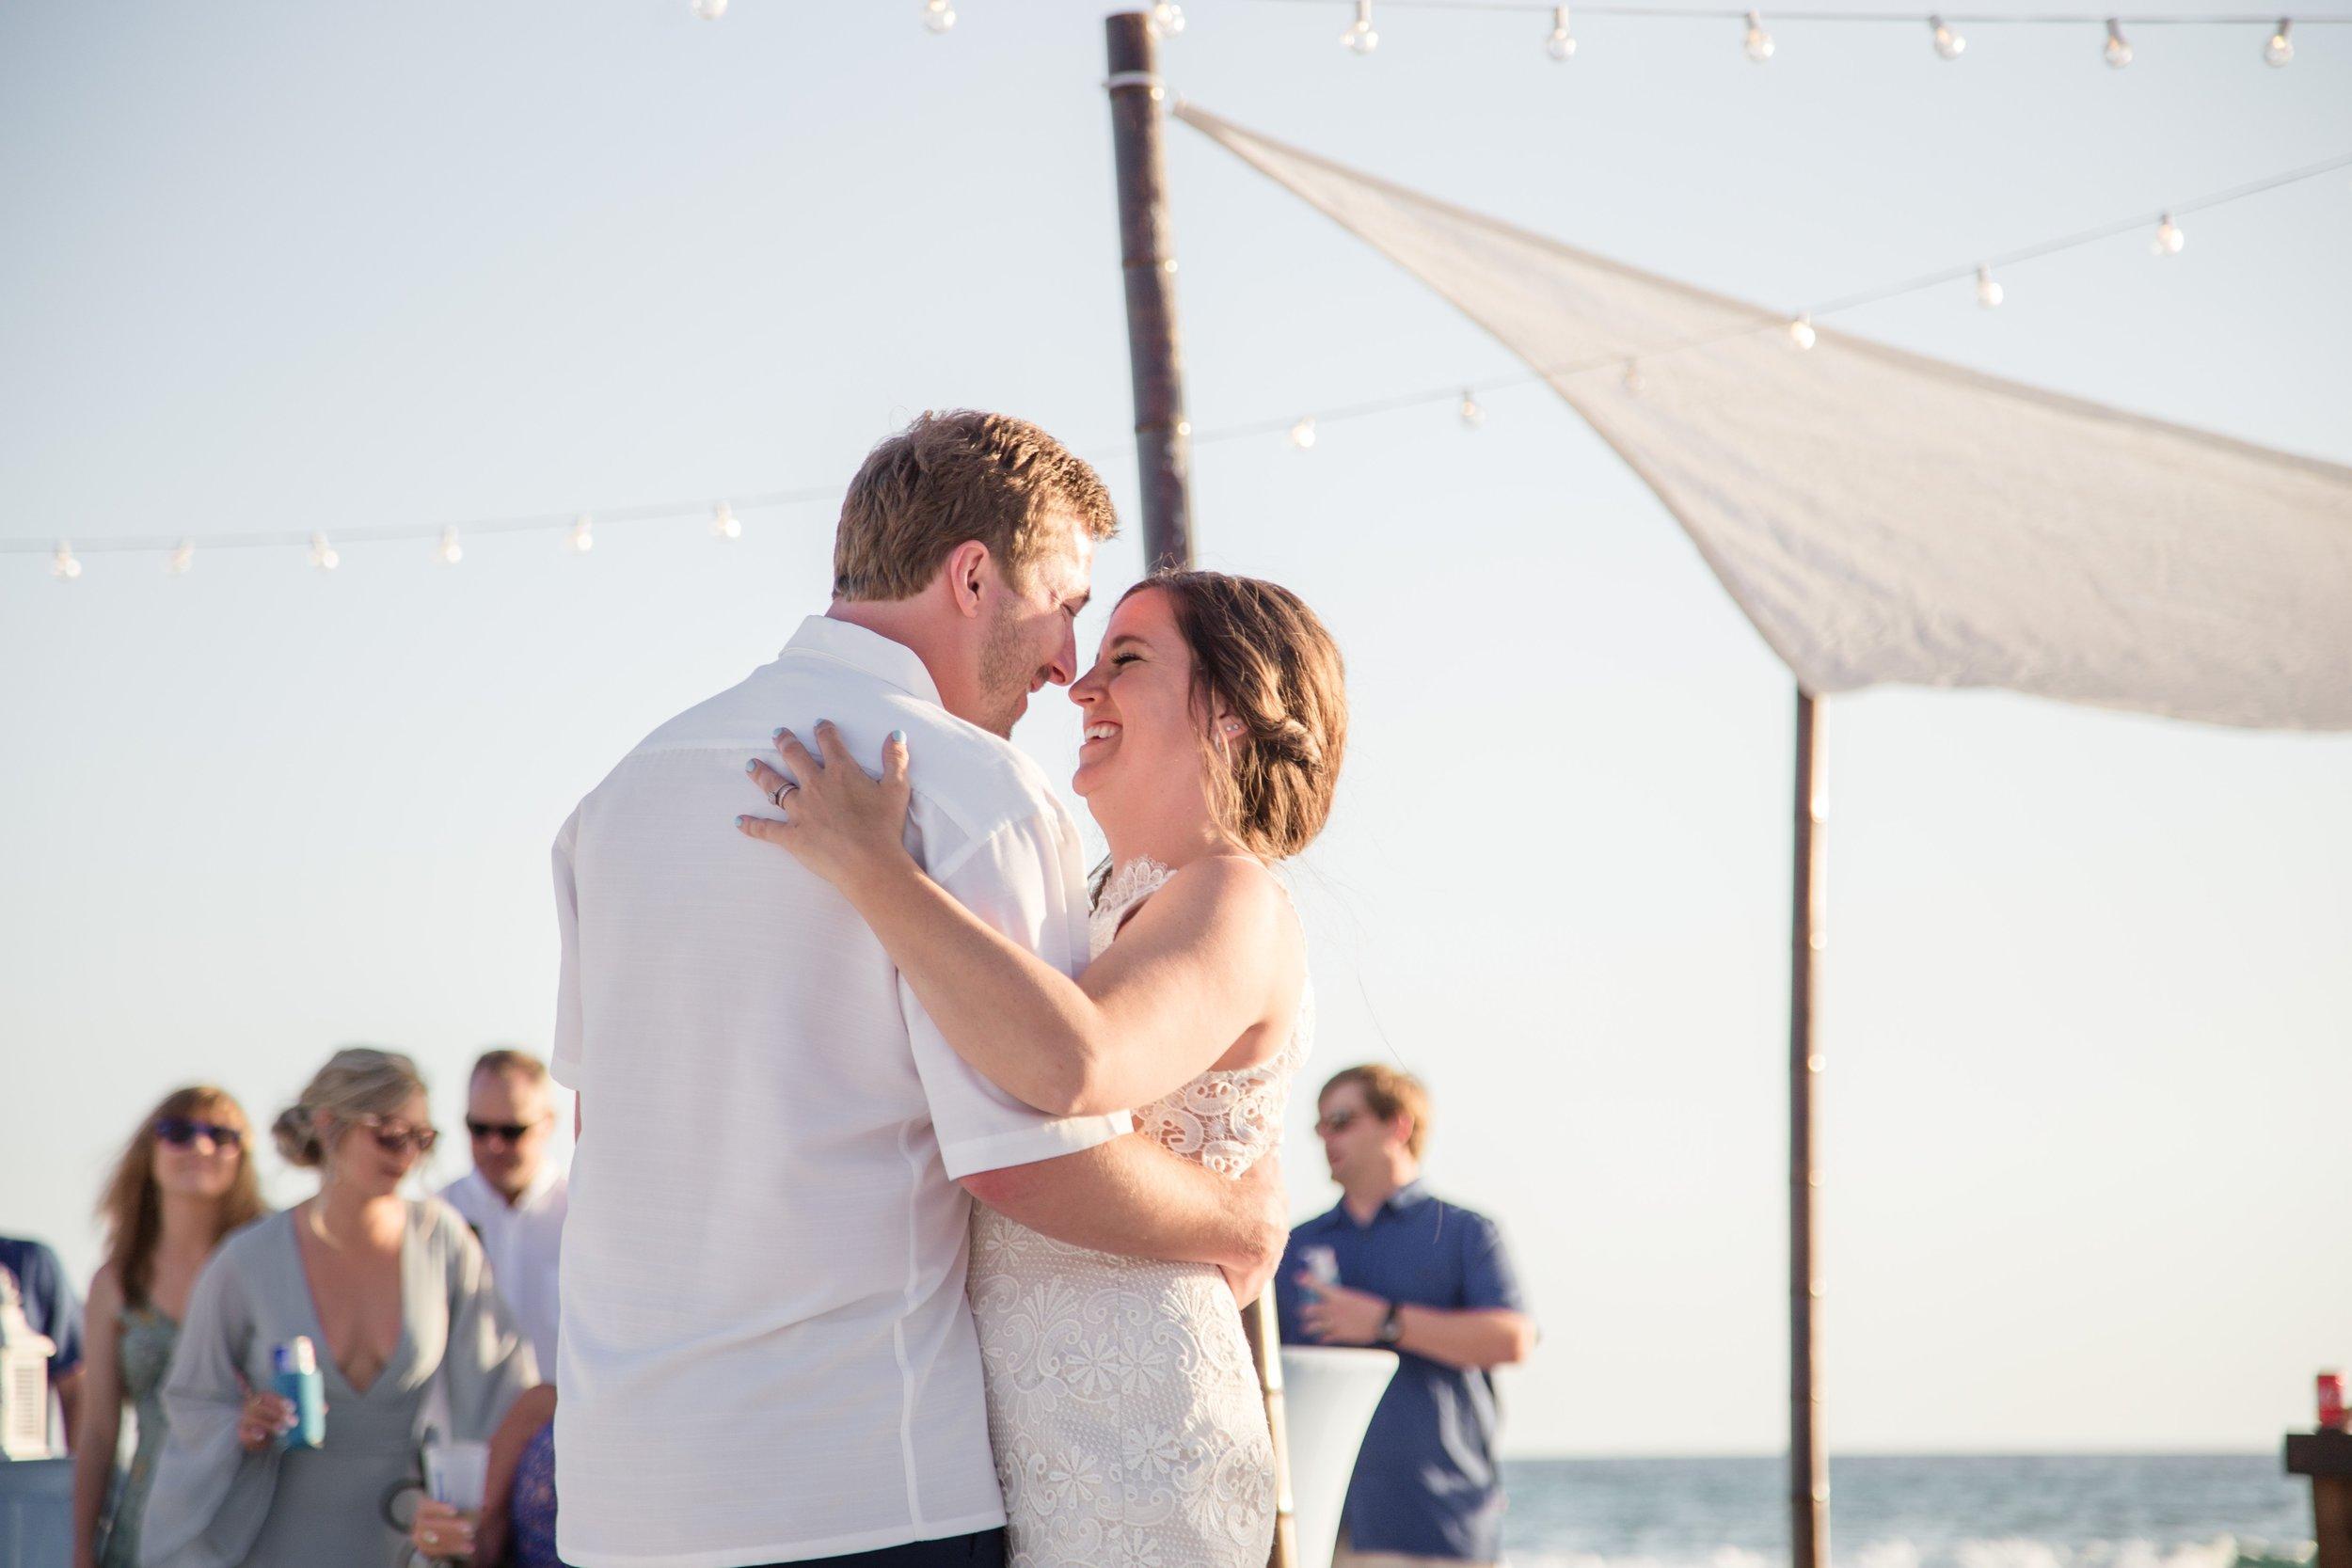 30a-Destin-Florida-Wedding-Photography-Caydee-Matt_043.jpg